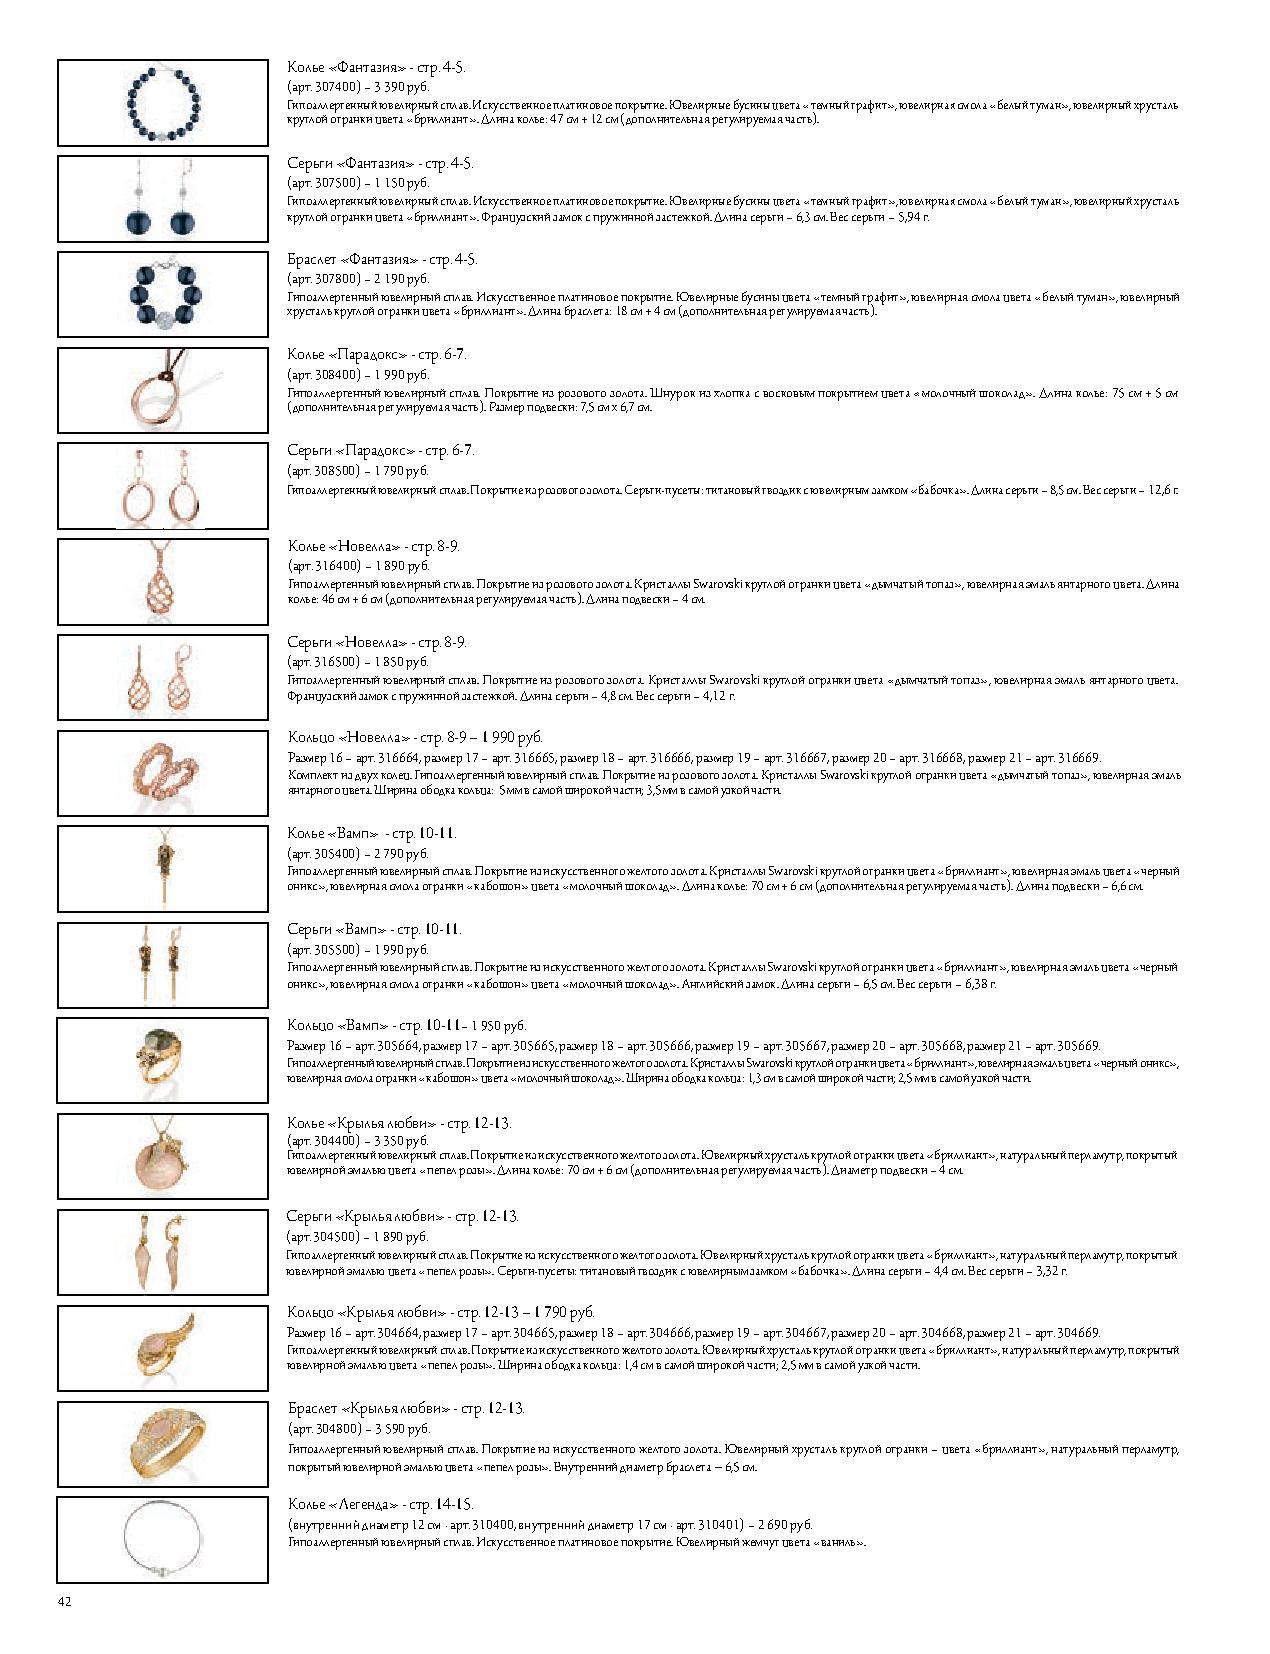 Описание бижутерии стр 4-15